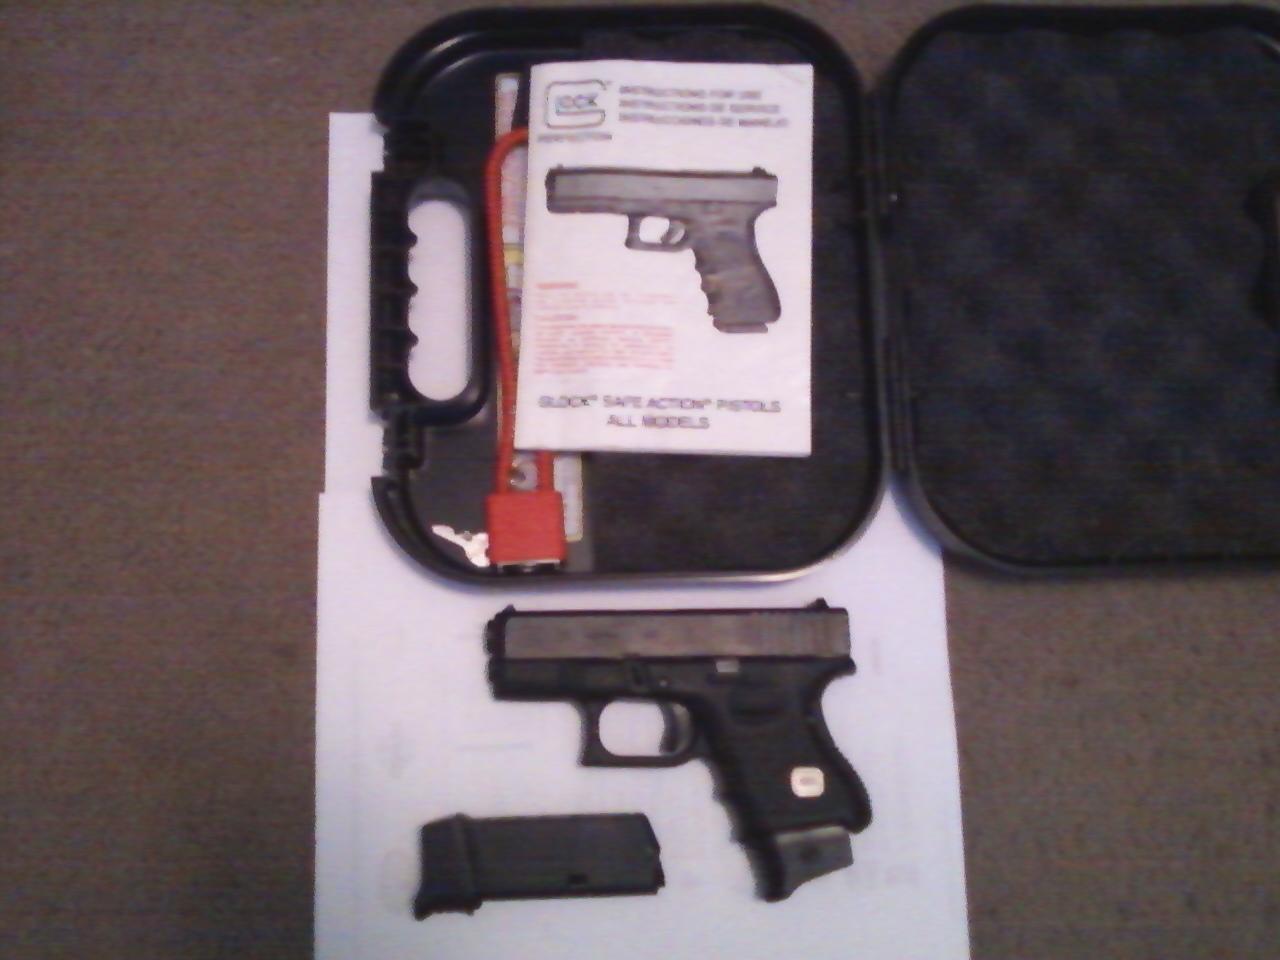 WTS: Glock G27 Gen 3 w/2 Mags, Panama City, FL 0-glock1.jpg